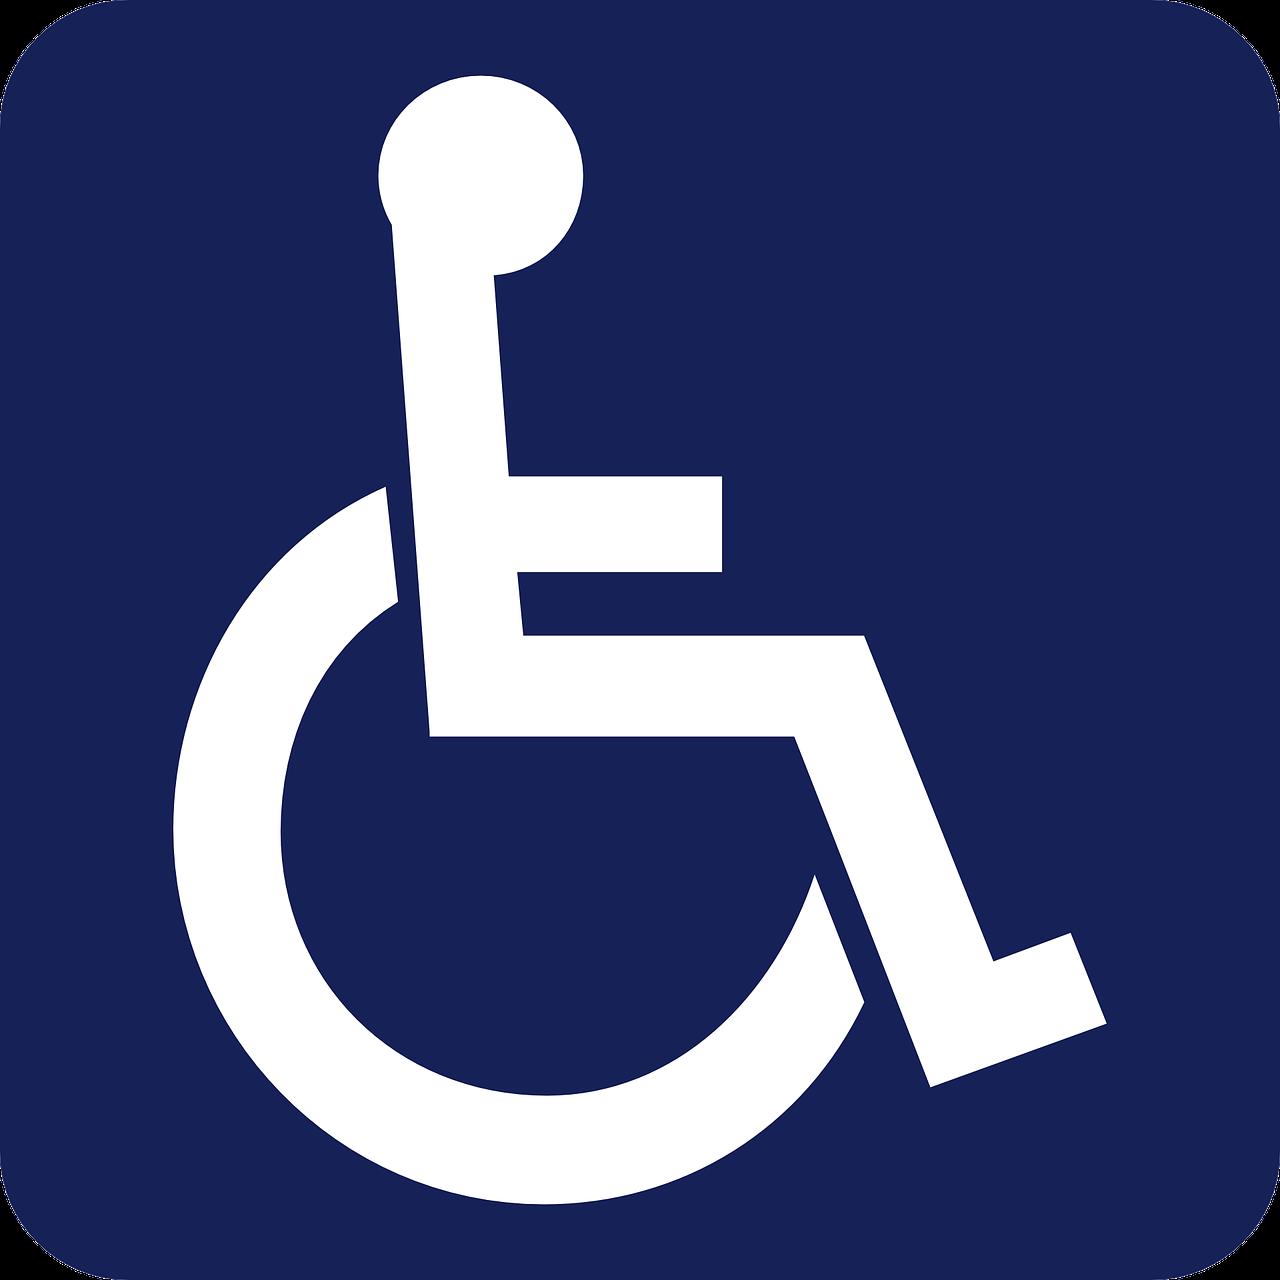 Bergsma Hemianopsie Ondersteuning instellingen gehandicaptenzorg verstandelijk gehandicapten